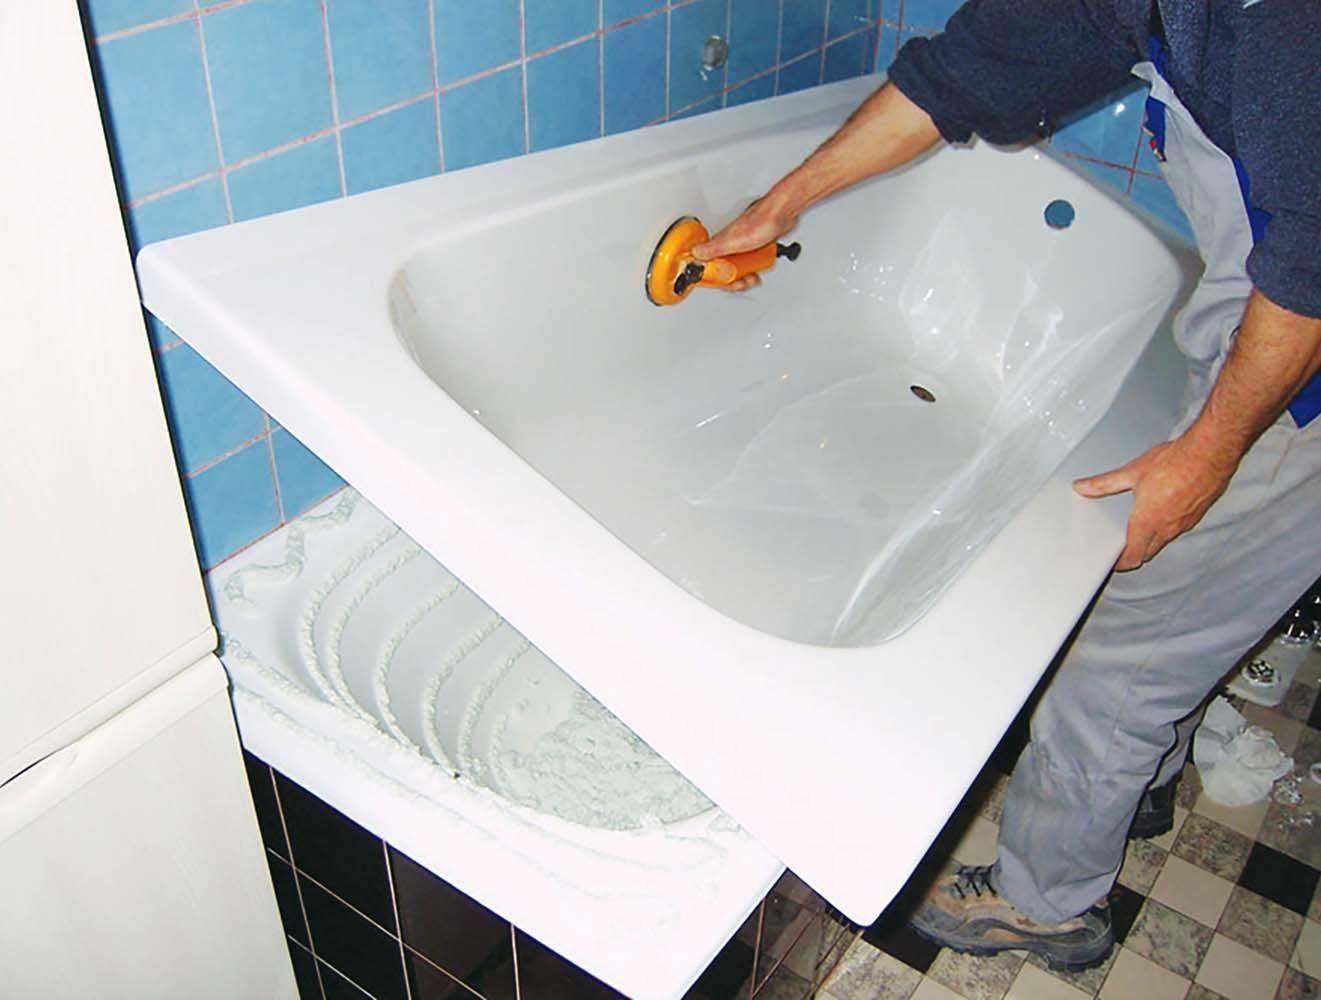 Ремонт акриловых ванн своими руками, как отремонтировать сколы и трещины (видео, фото)